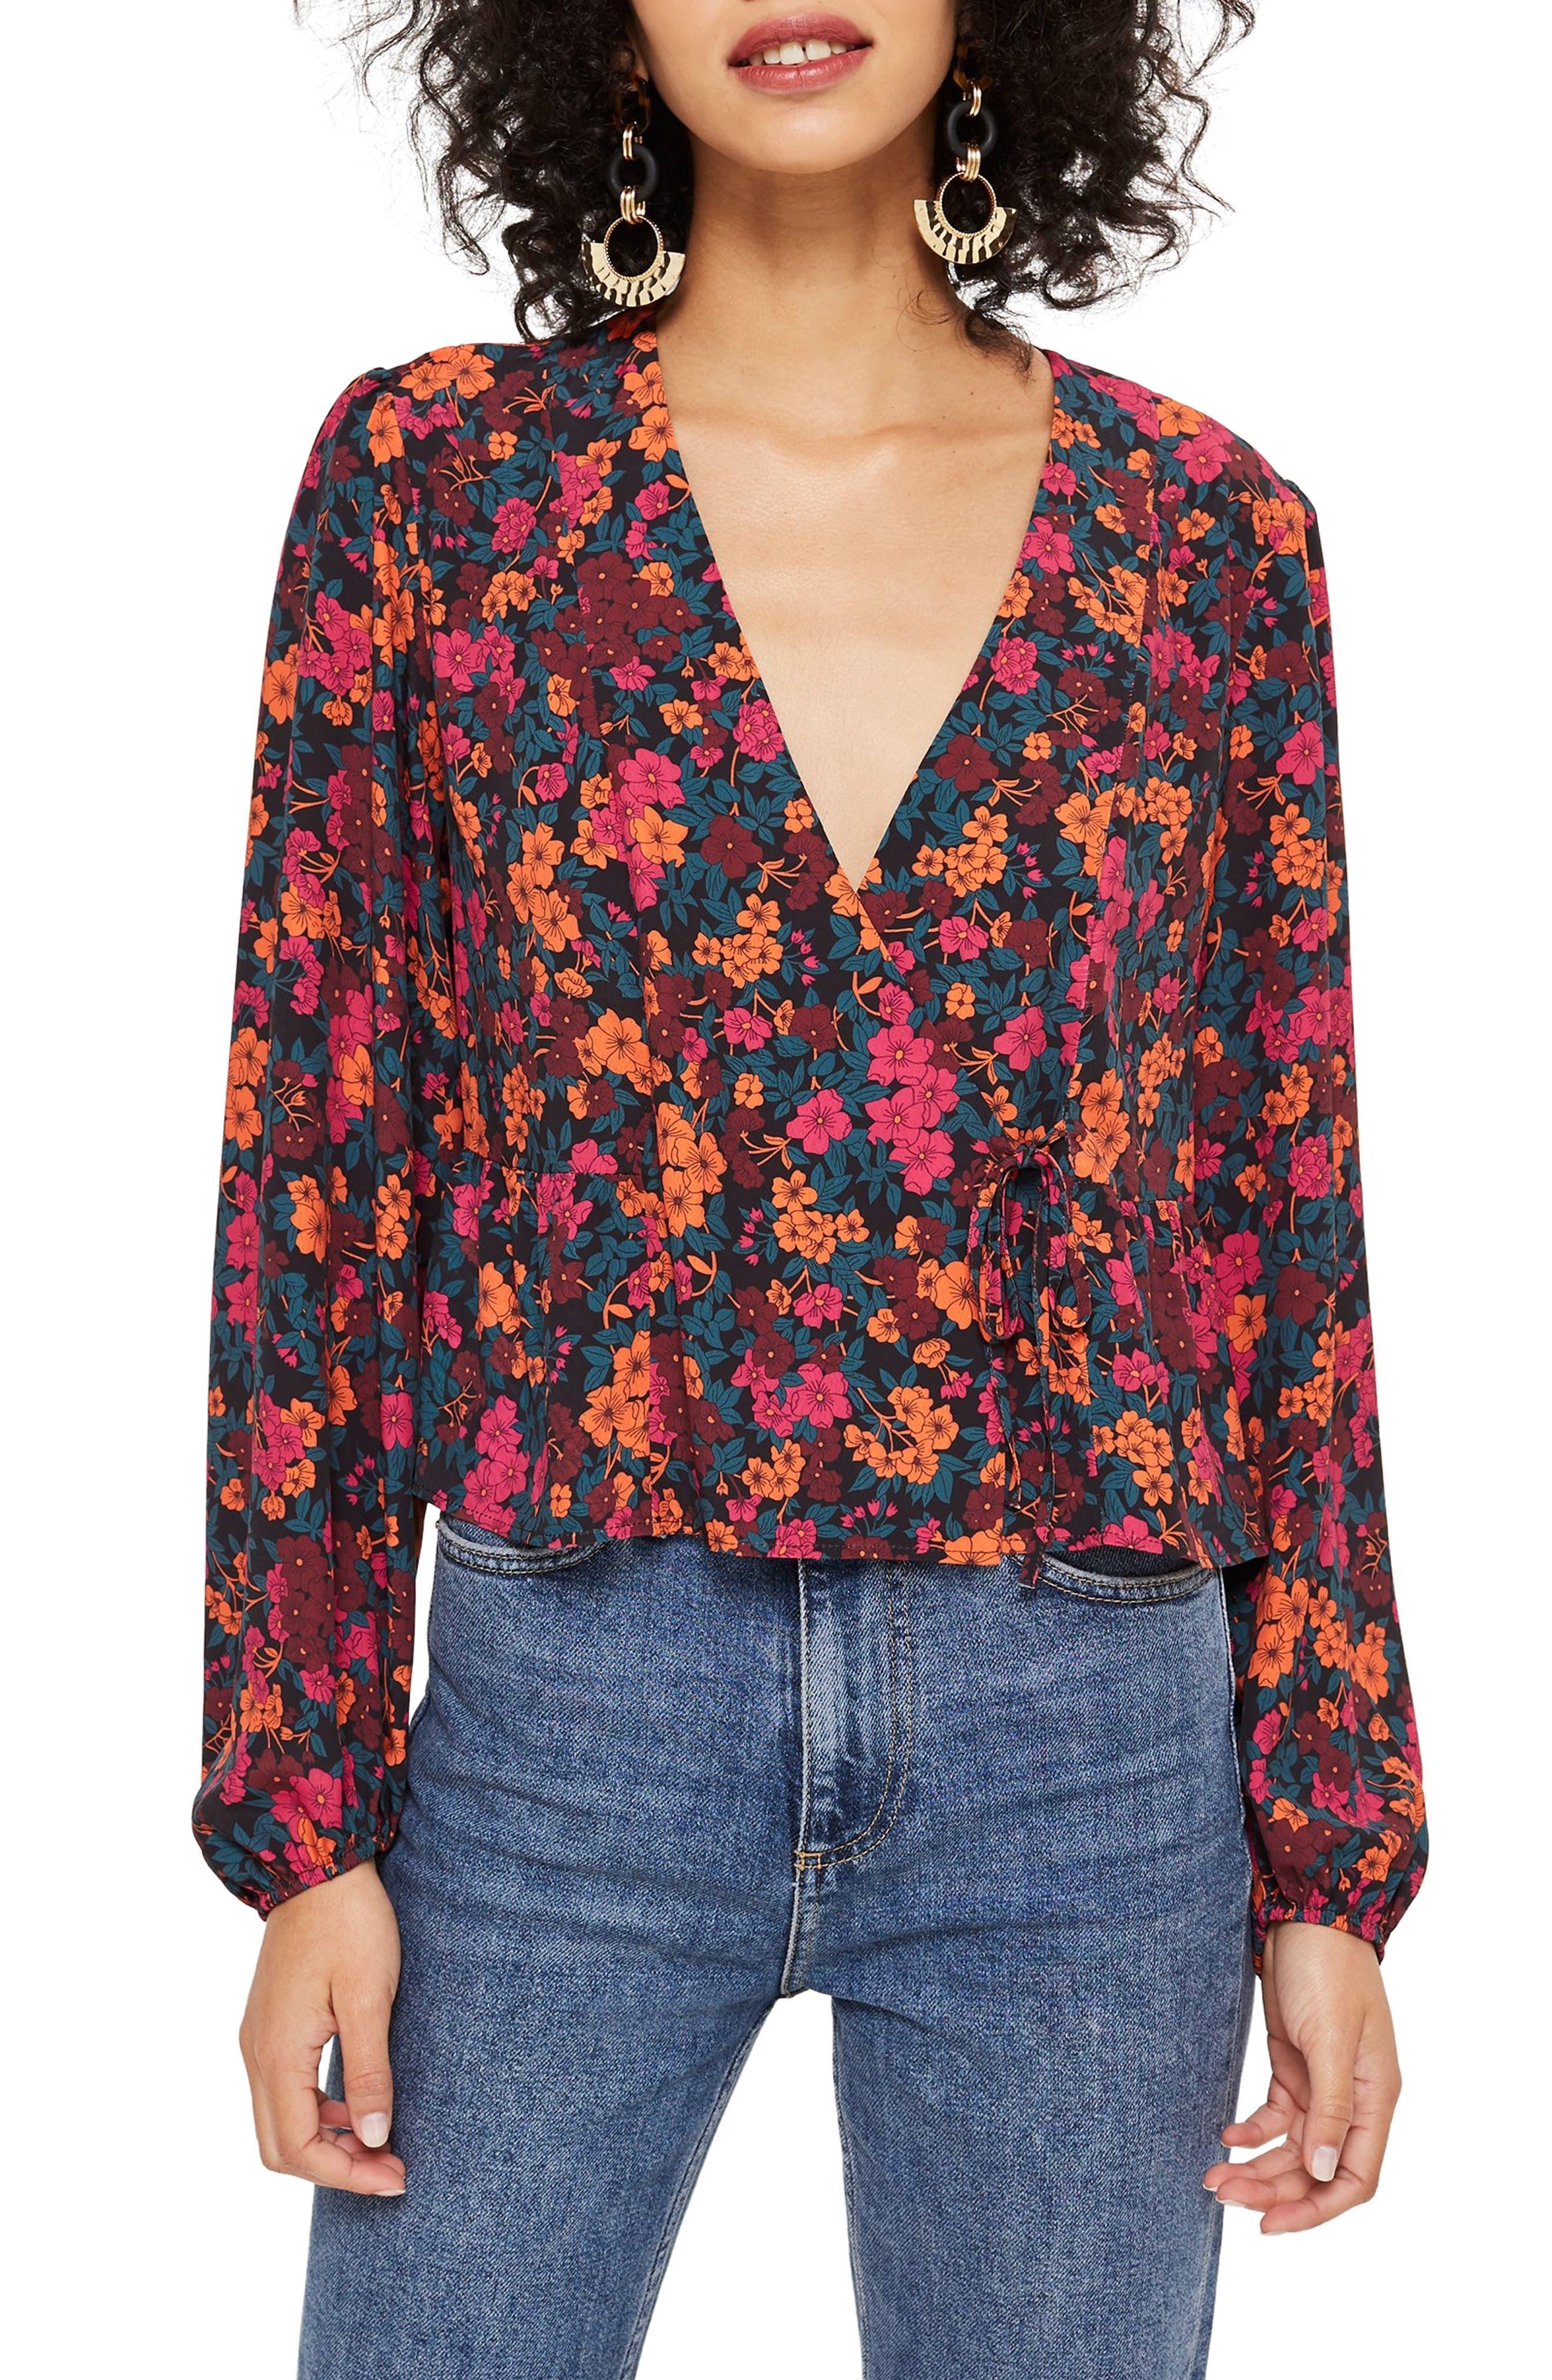 TOPSHOP, Grand Estate Floral Blouse, Main thumbnail 1, color, 600